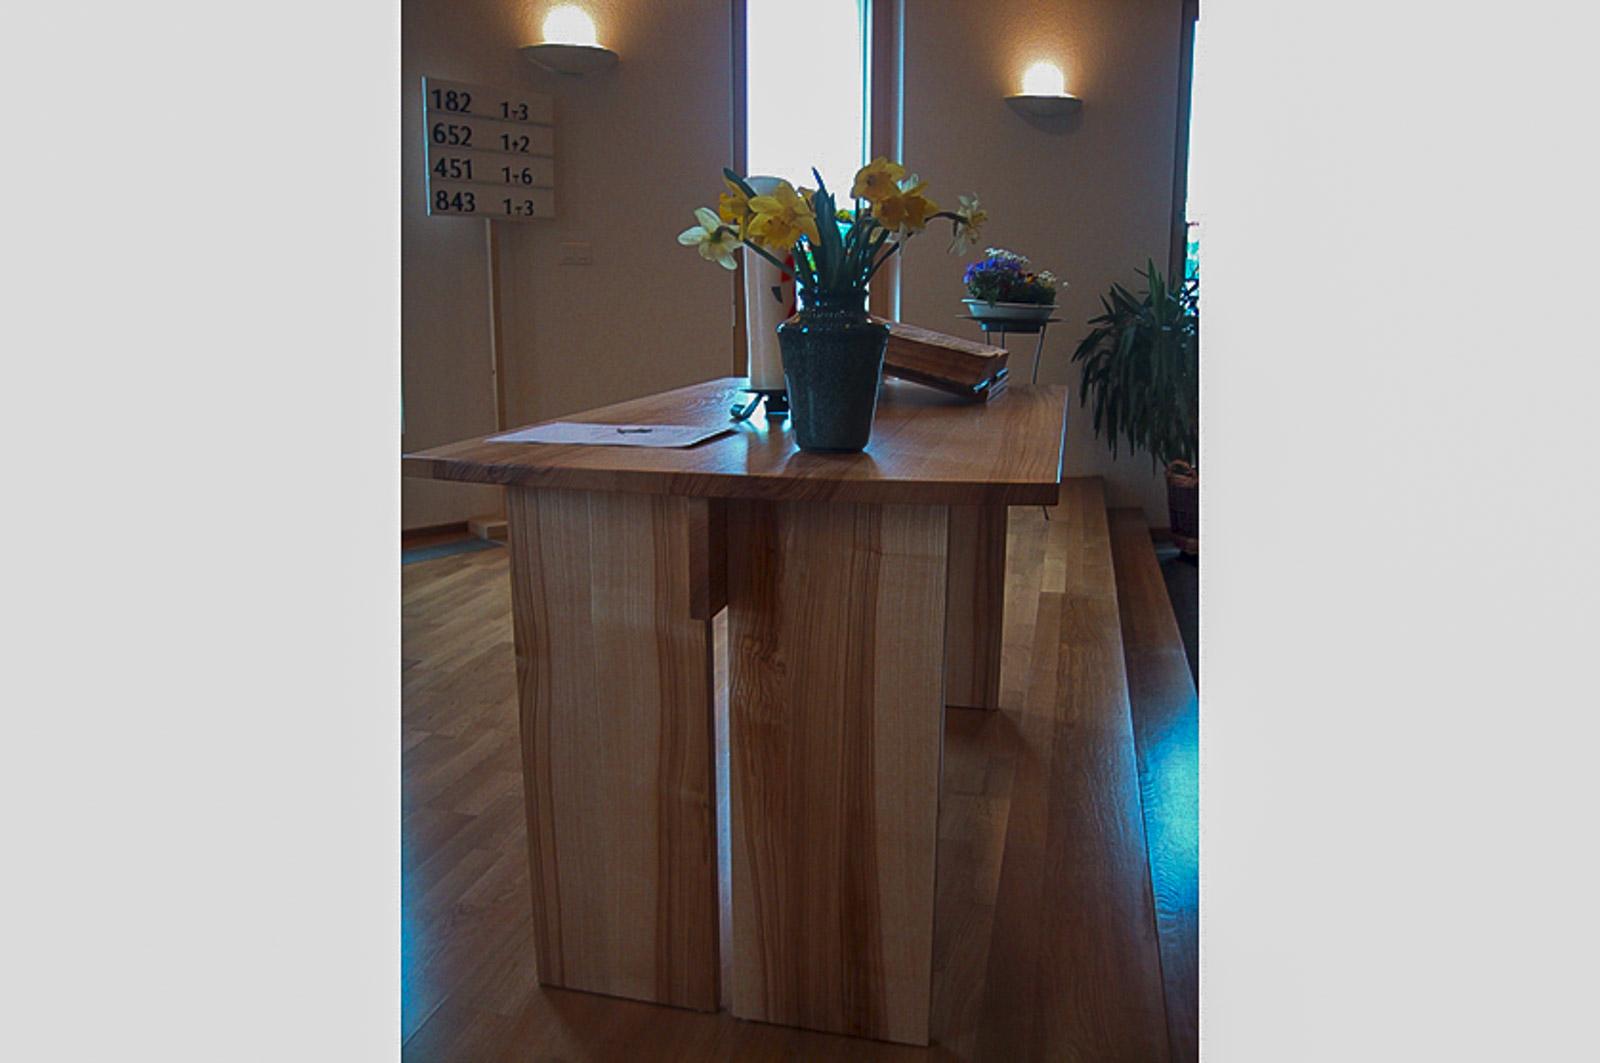 Woodesign_öffentliche Bauten_Kirchenmöbel_Altar_Ambos_Stühle_Kirchgemeine Weissenstein_Massivholz_Esche mit Braunkern (3)